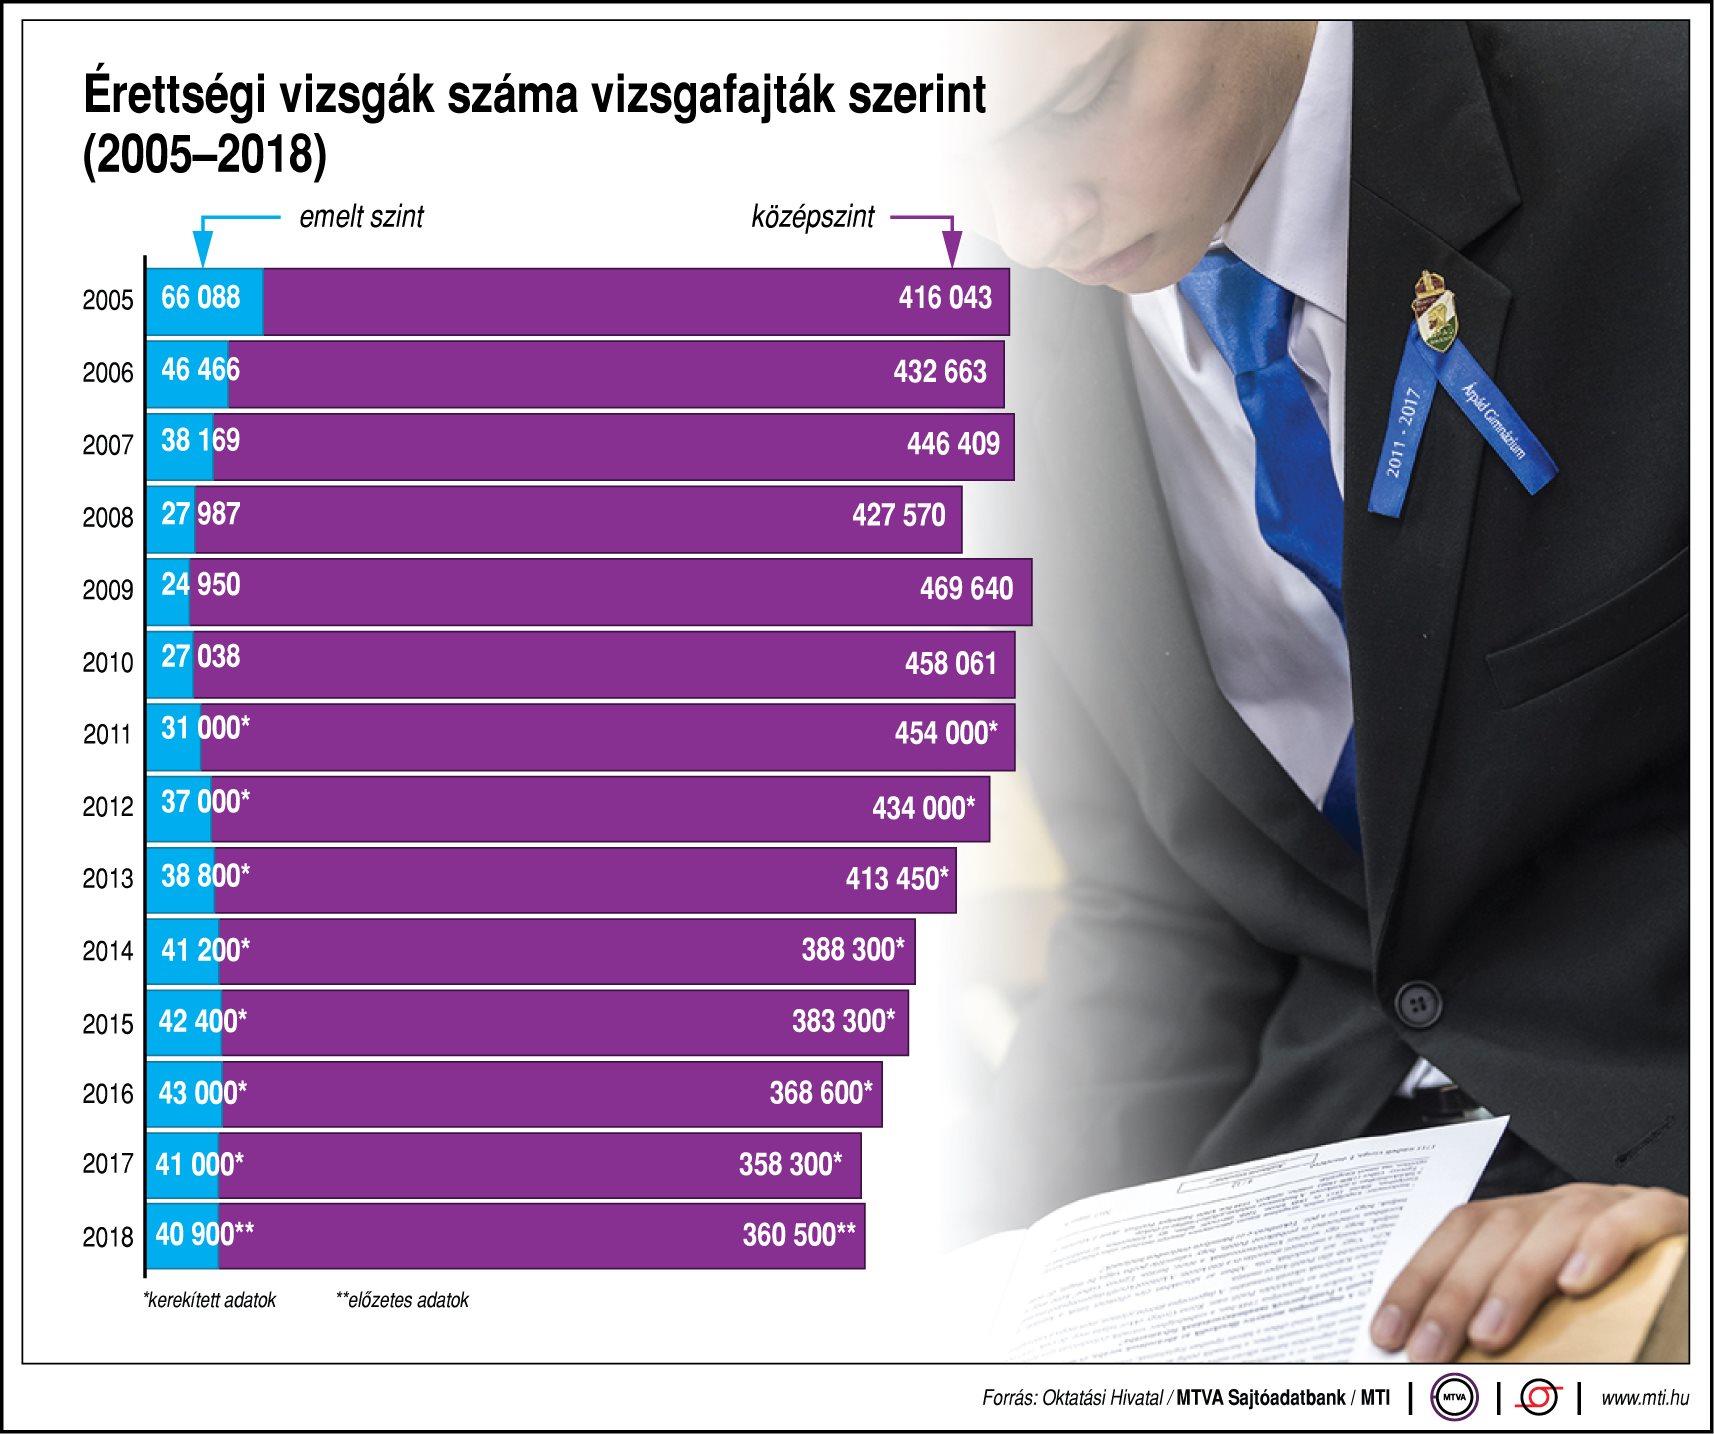 Érettségi vizsgák száma vizsgafajták szerint, 2005-2018